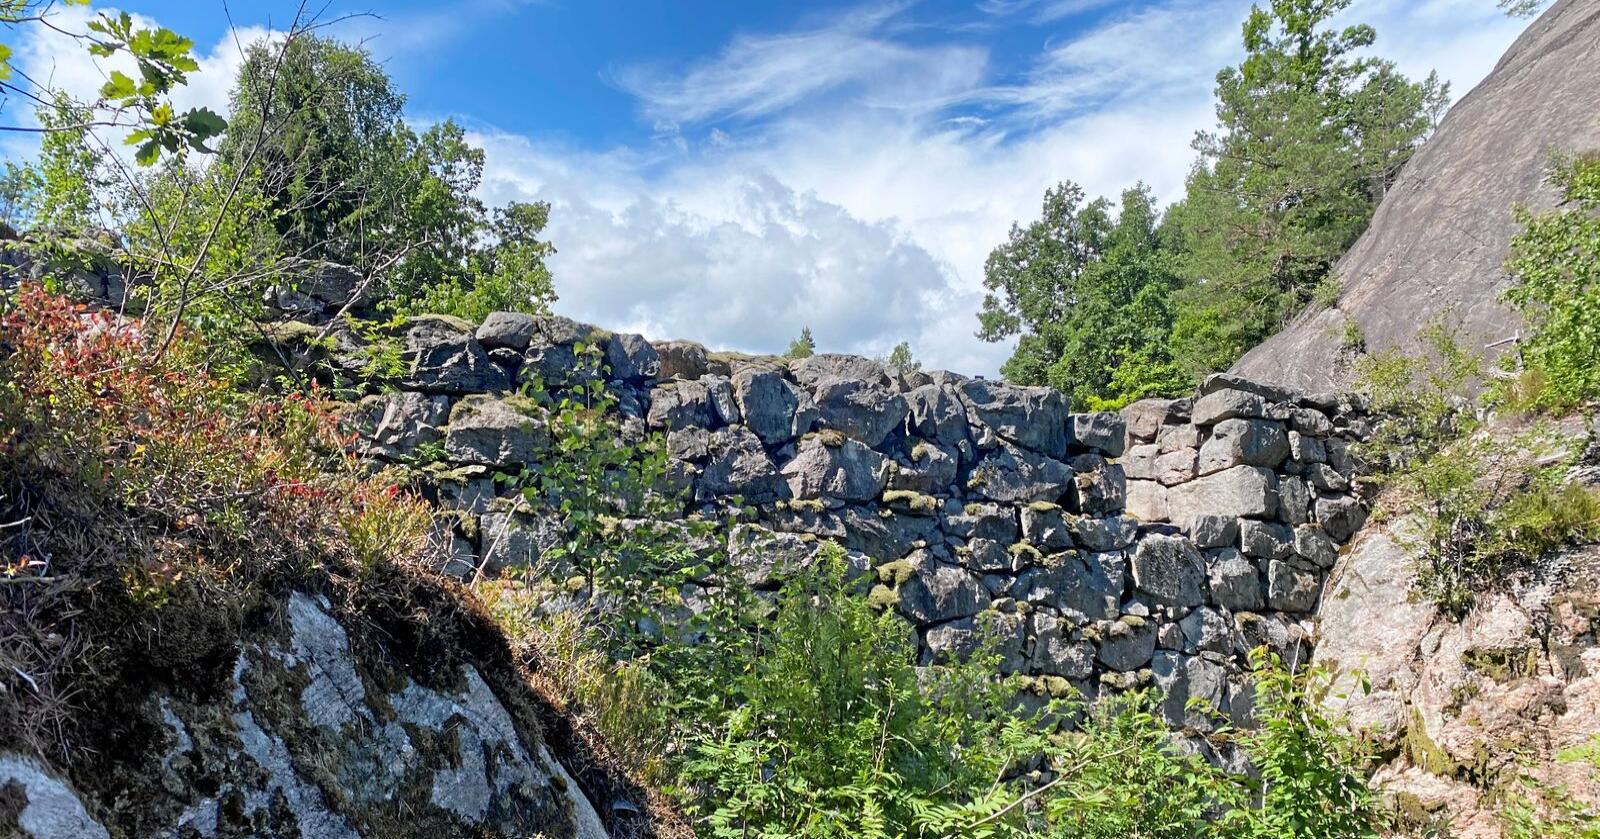 Foto: Svein Ove Hansli